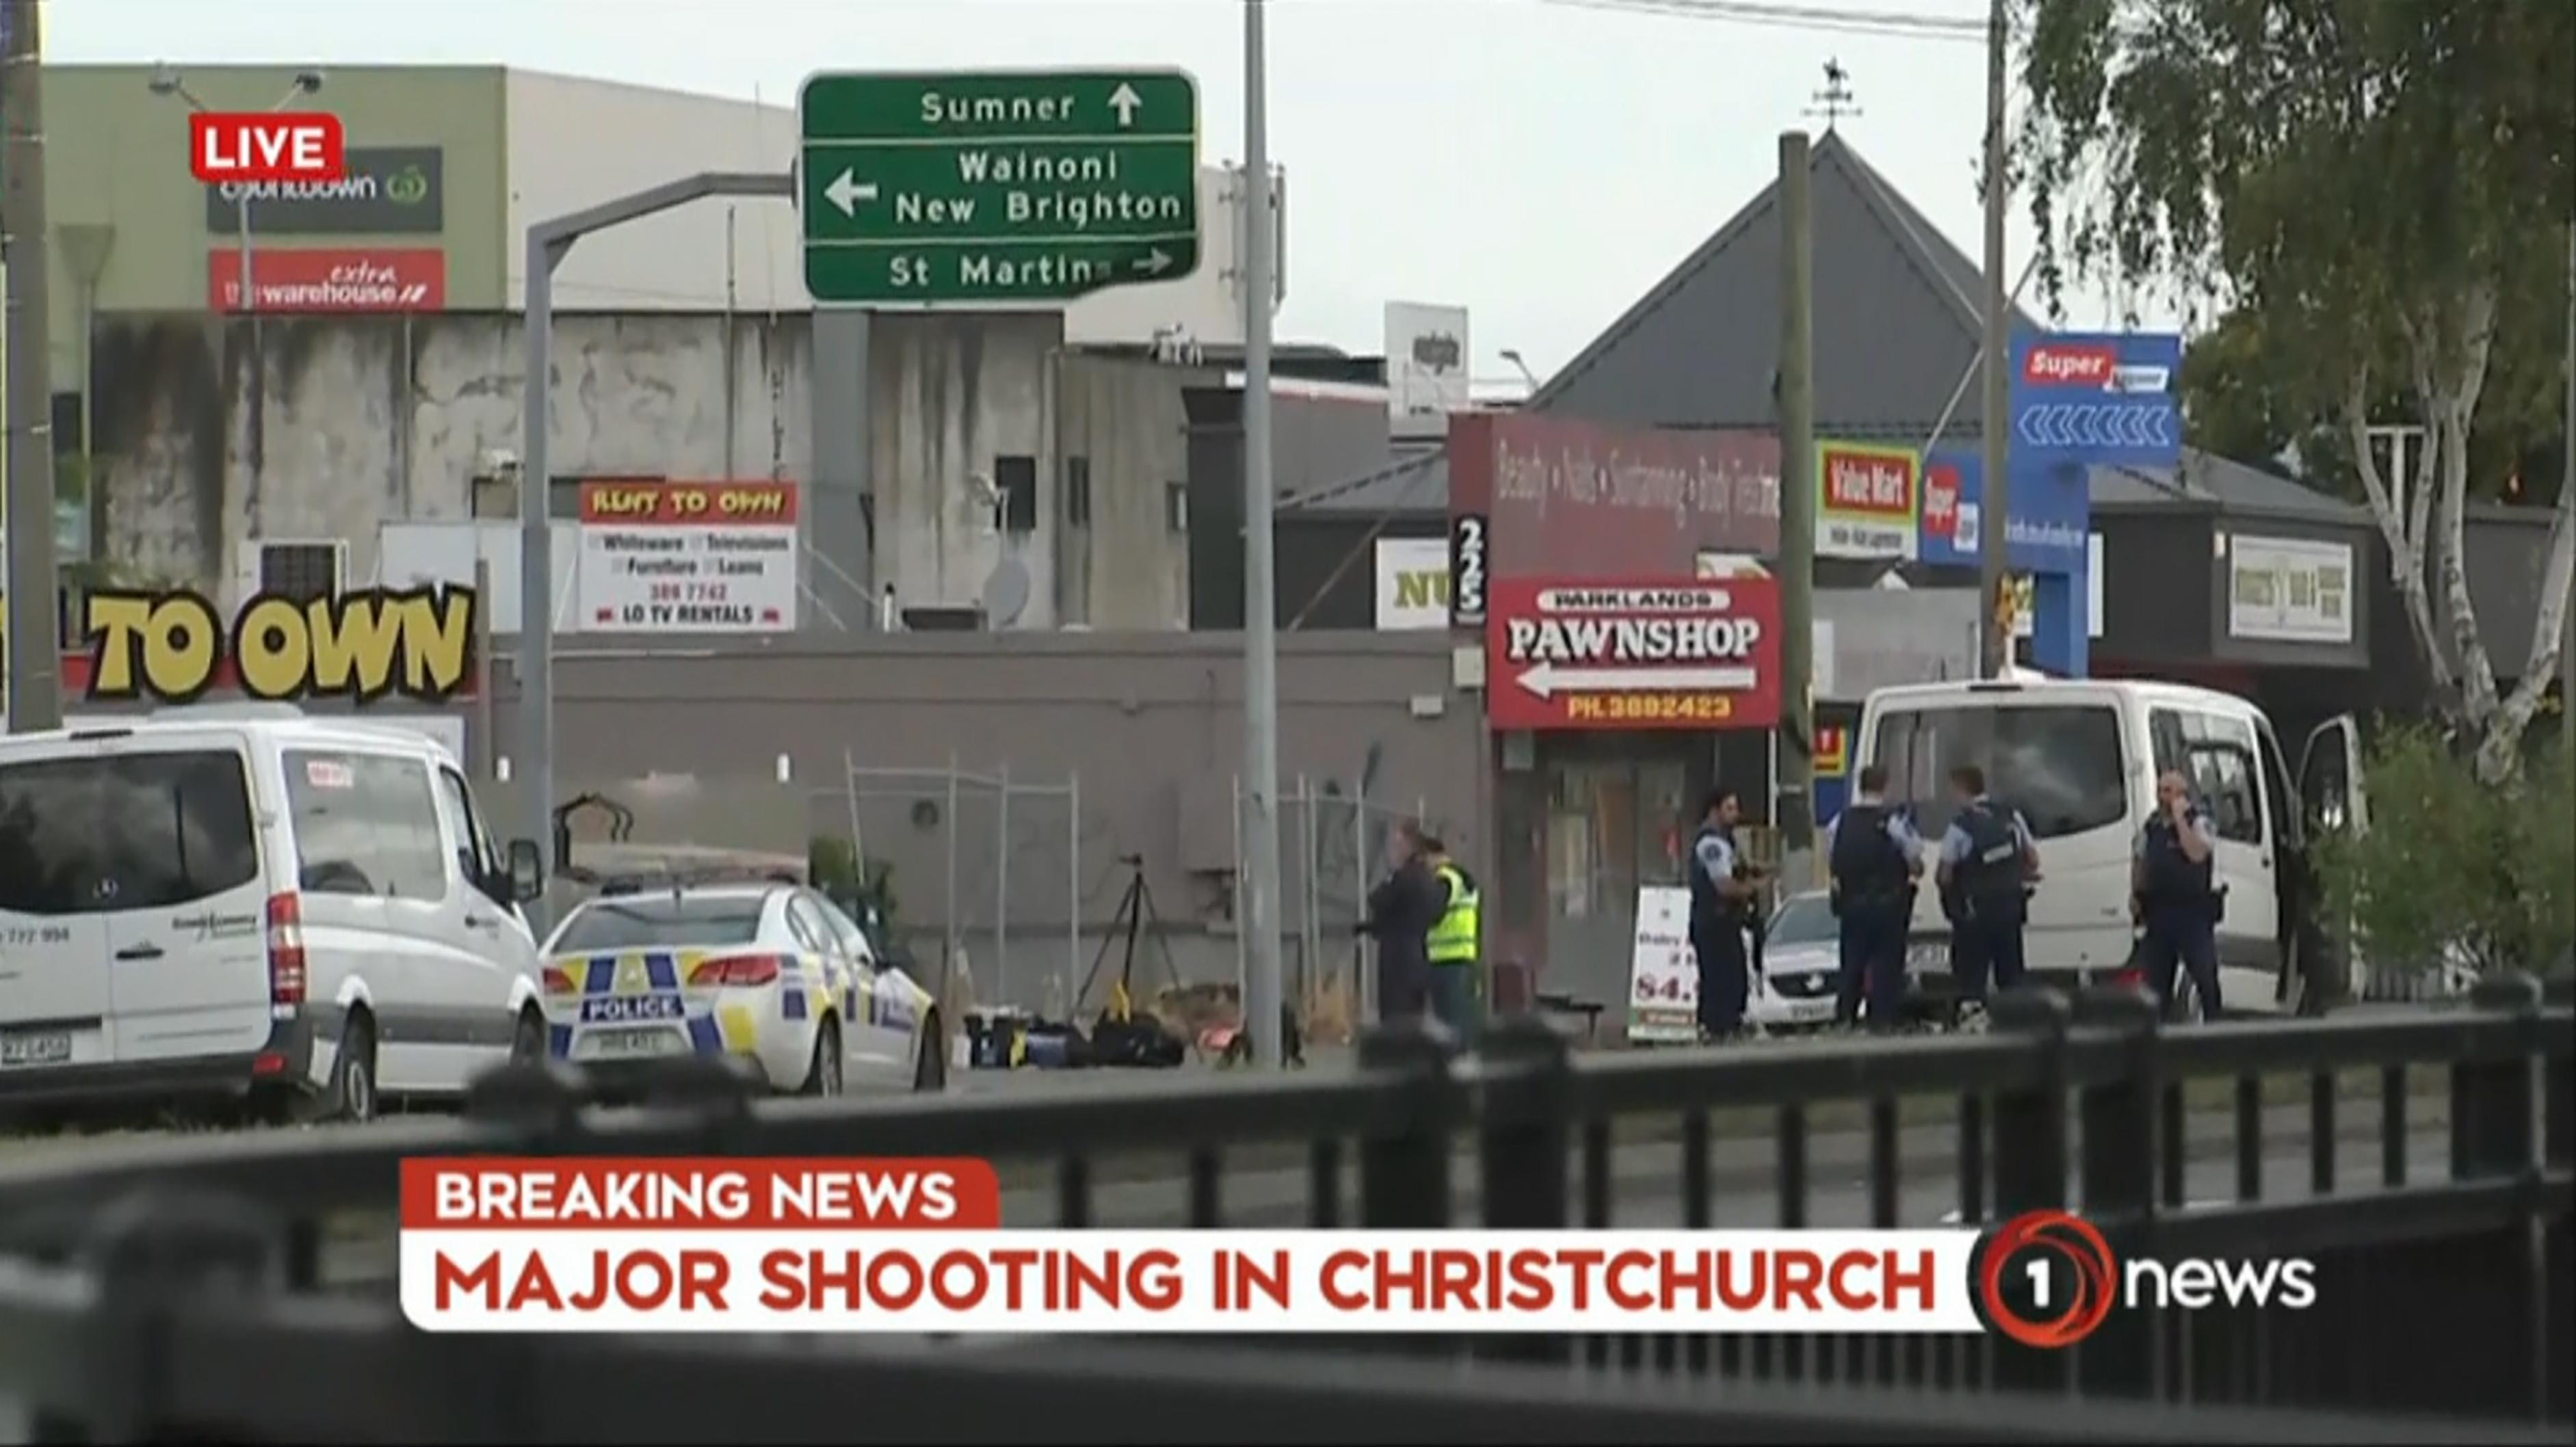 Masacre En Nueva Zelanda Video Completo Gallery: Attentat De Christchurch : Ce Que L'on Sait Sur Le Tueur